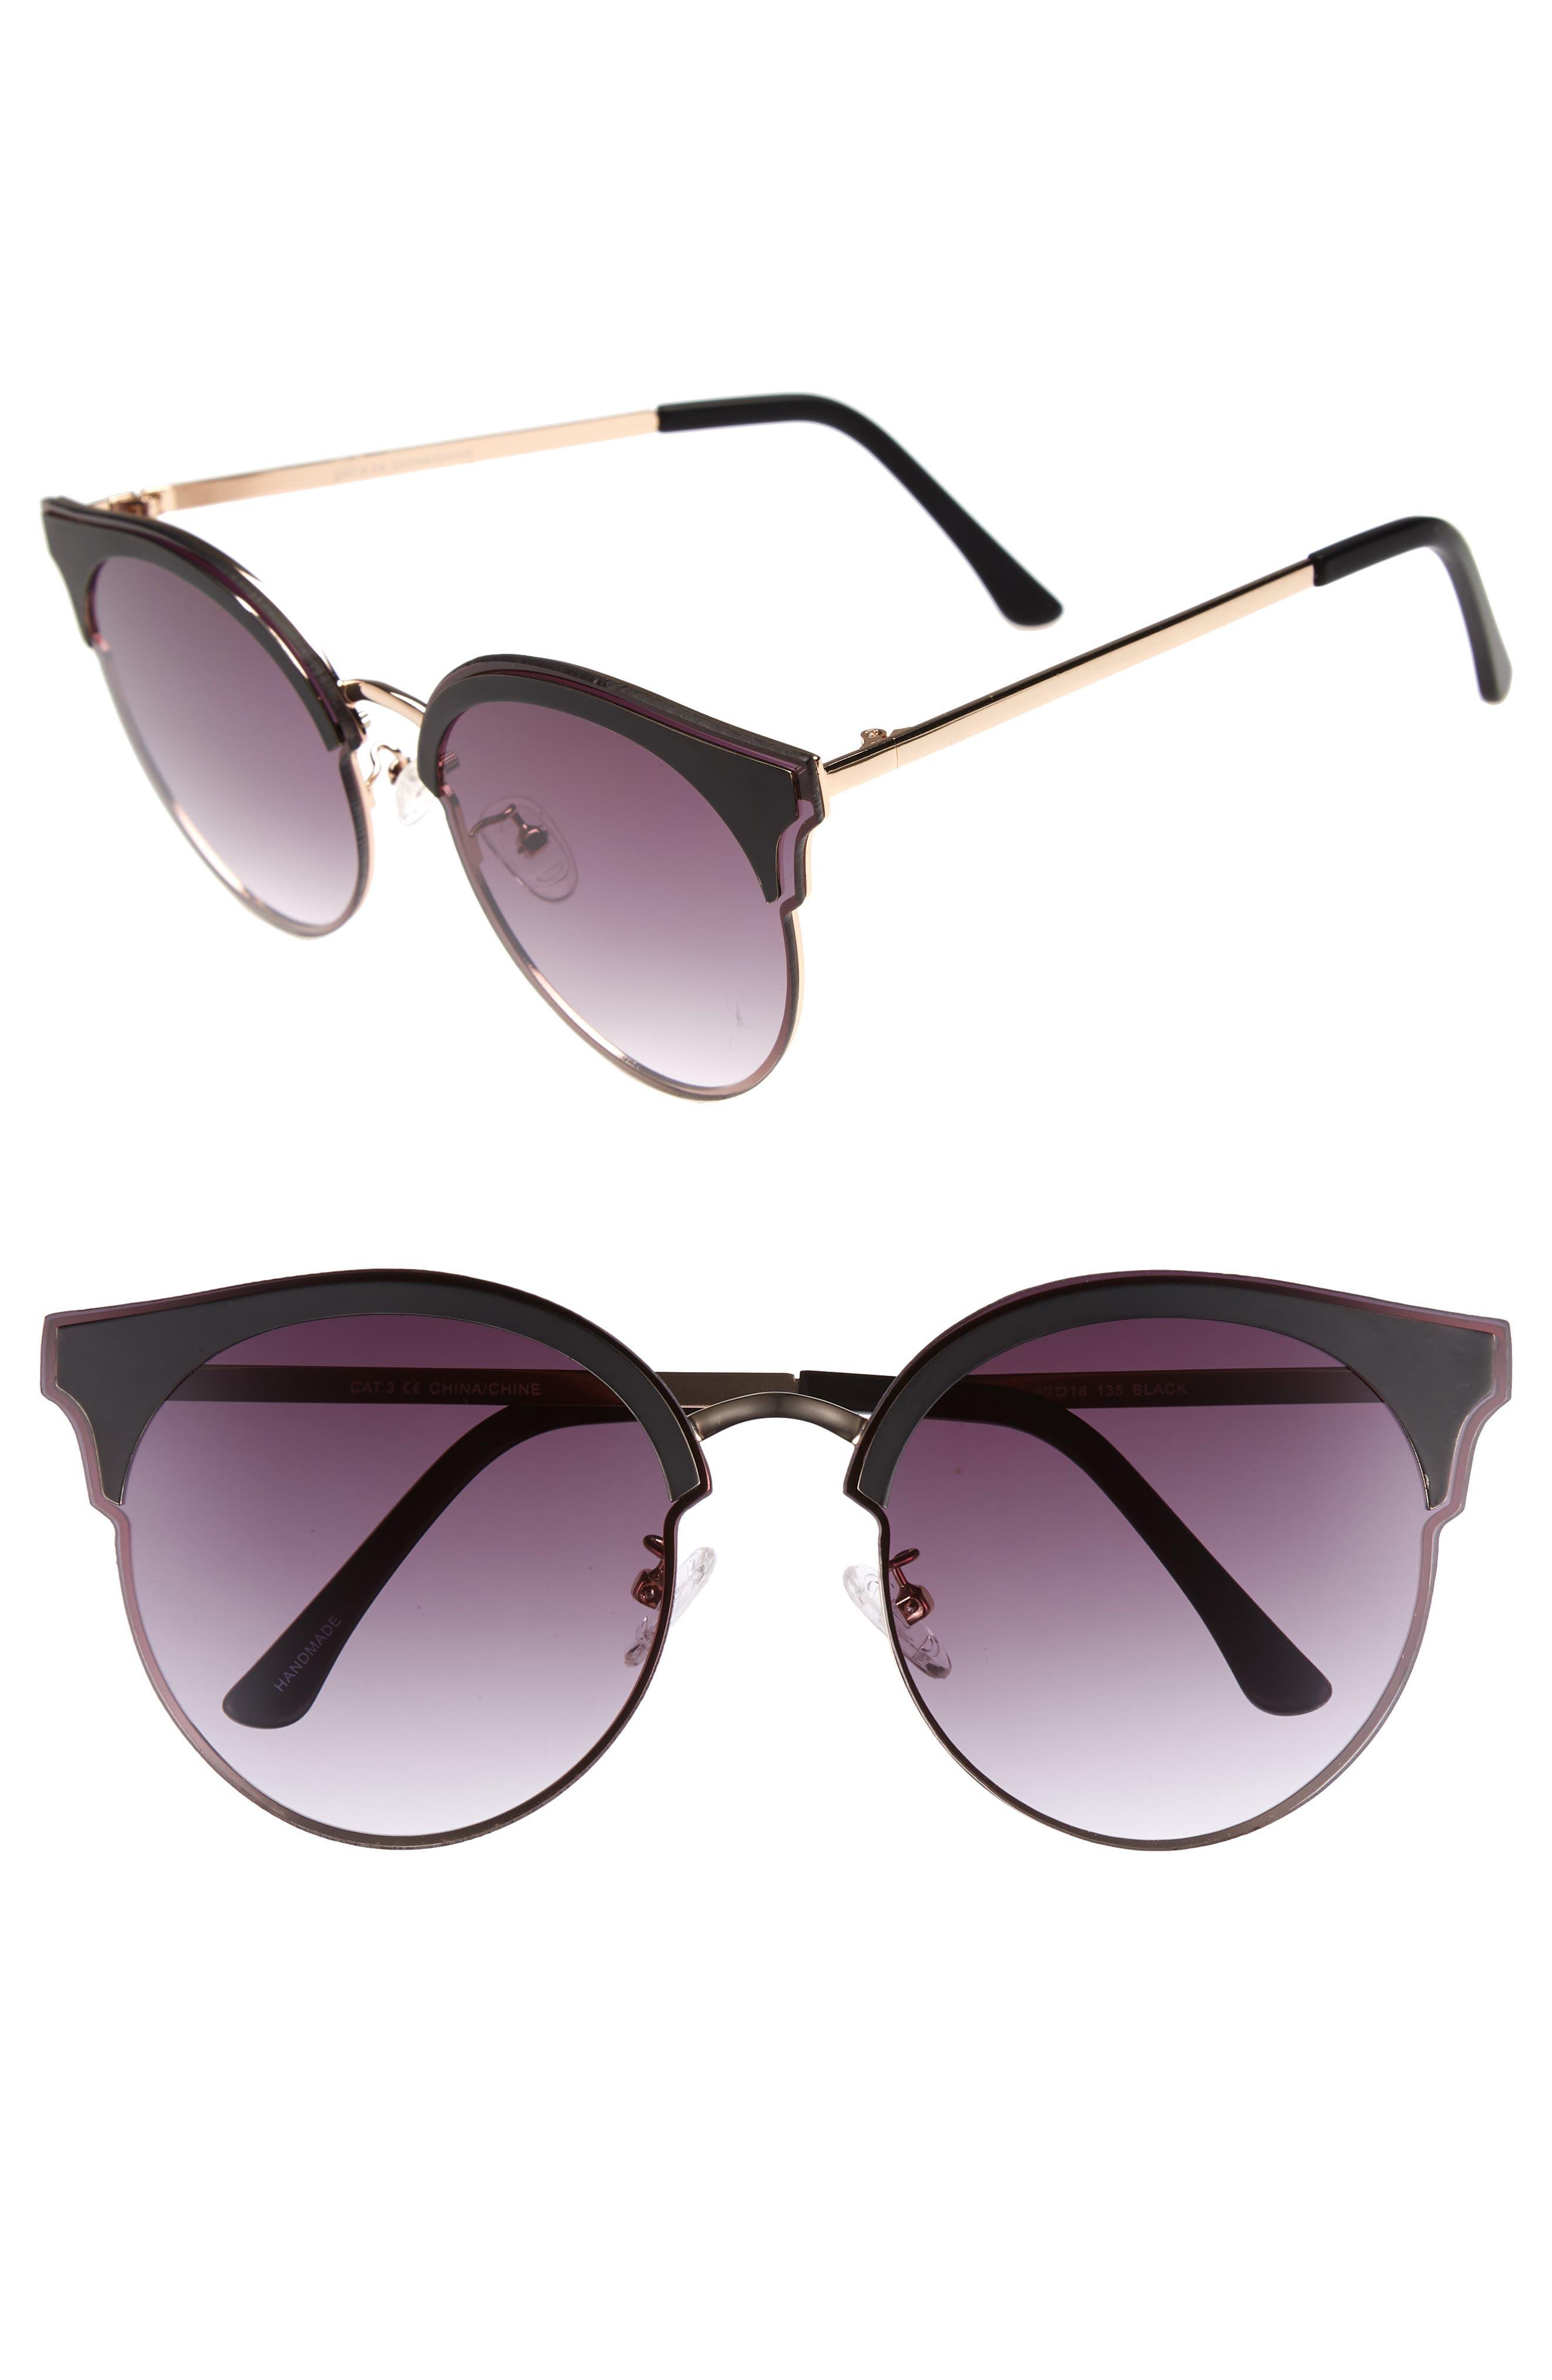 Mia 60mm Sunglasses,                         Main,                         color, Matte Black